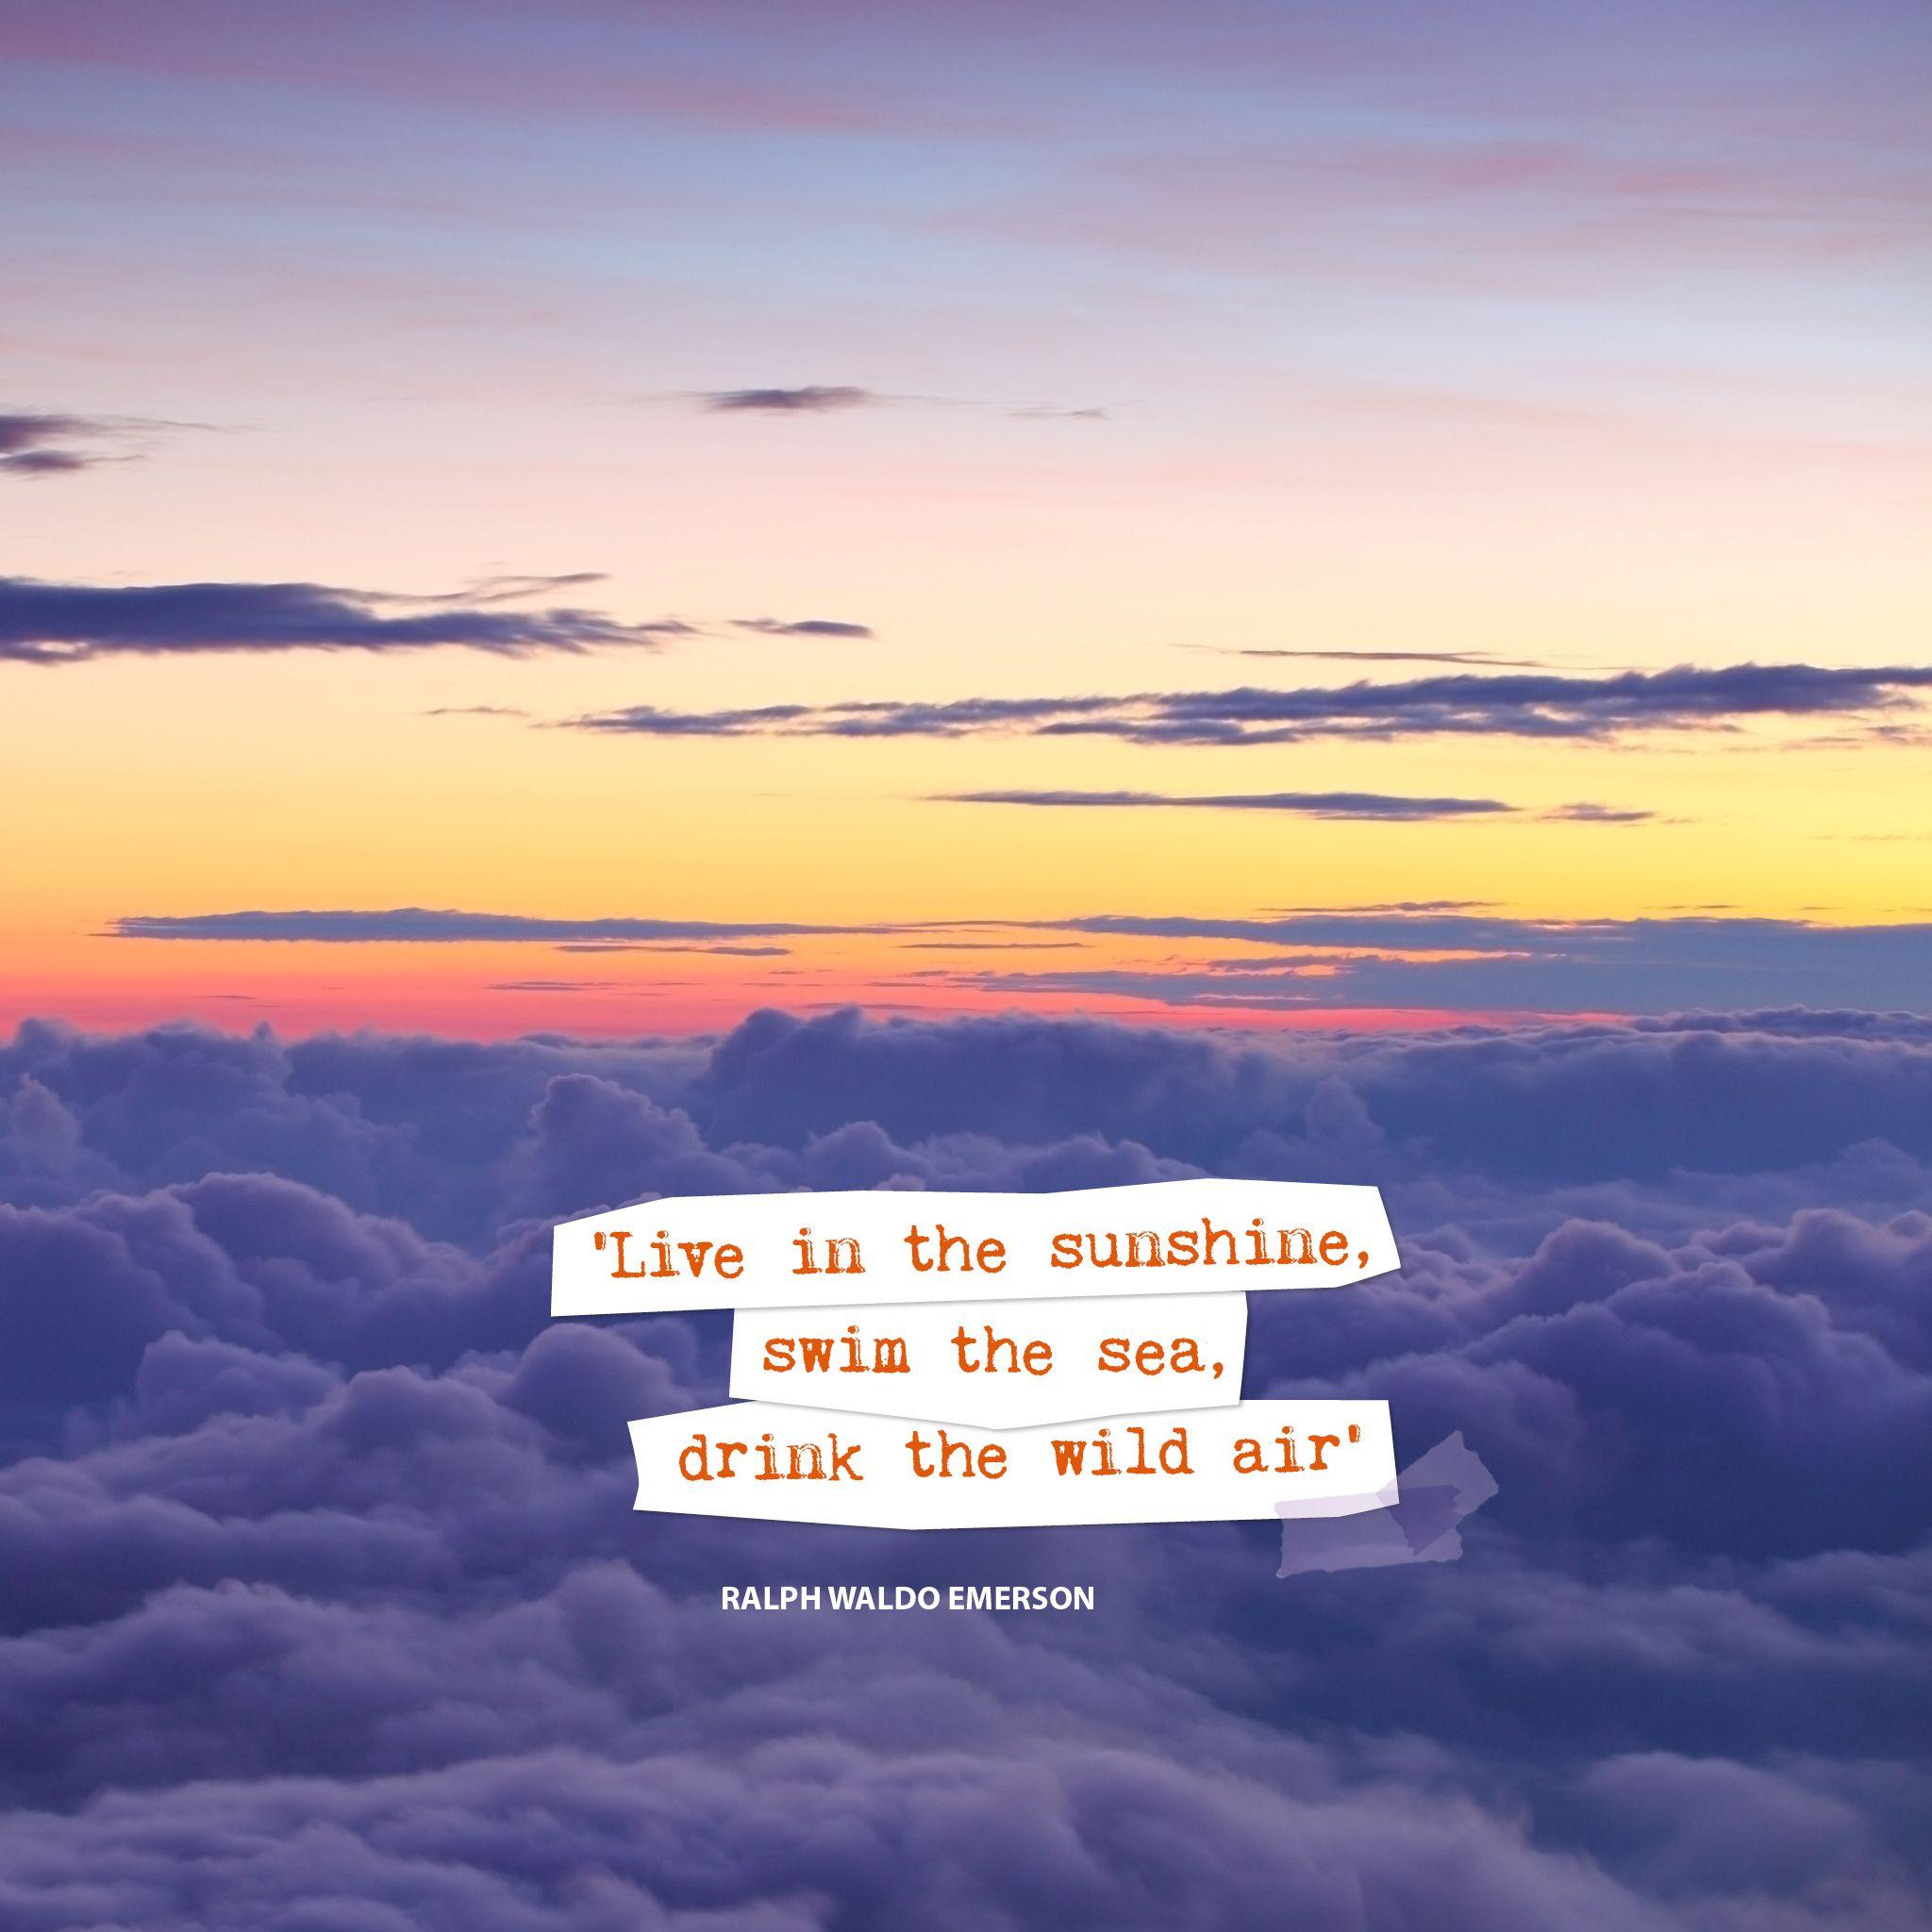 Uitgelezene Leer lichter leven en te vertrouwen op de lucht (met afbeeldingen BA-58